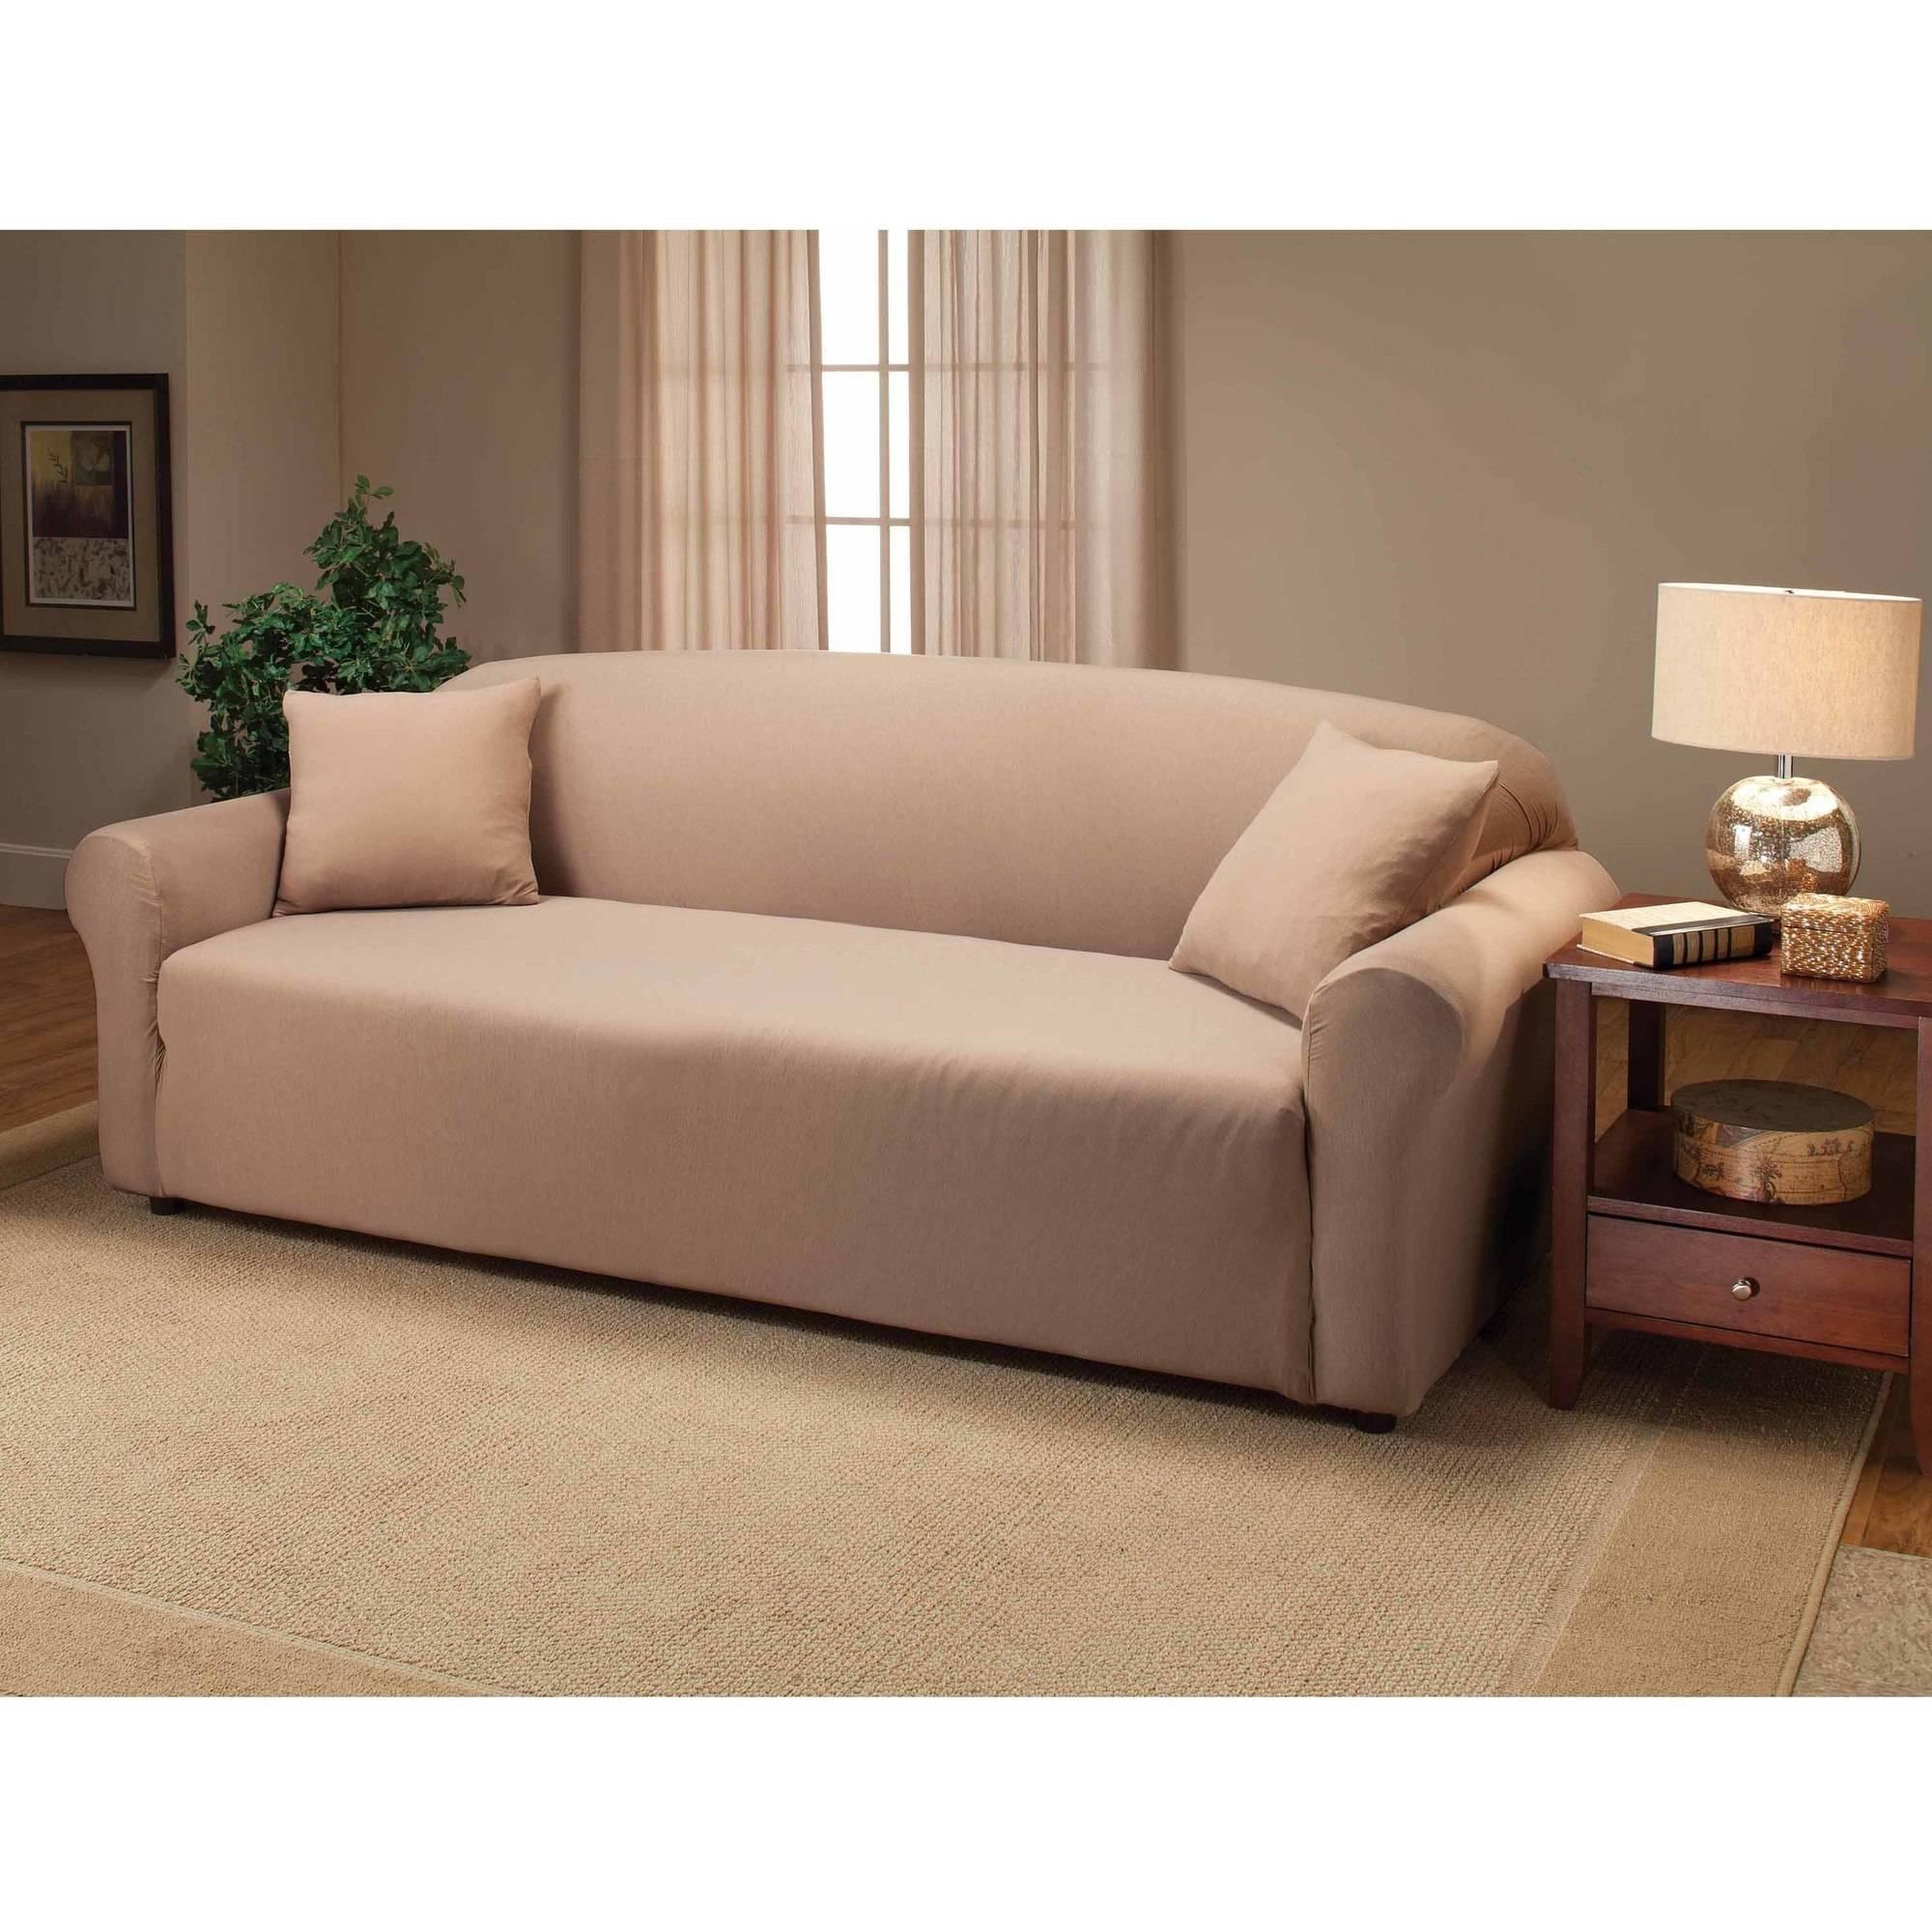 Furniture: Slipcovered Loveseat   Loveseat Slipcover Navy Blue With Sofa Loveseat Slipcovers (Image 15 of 25)